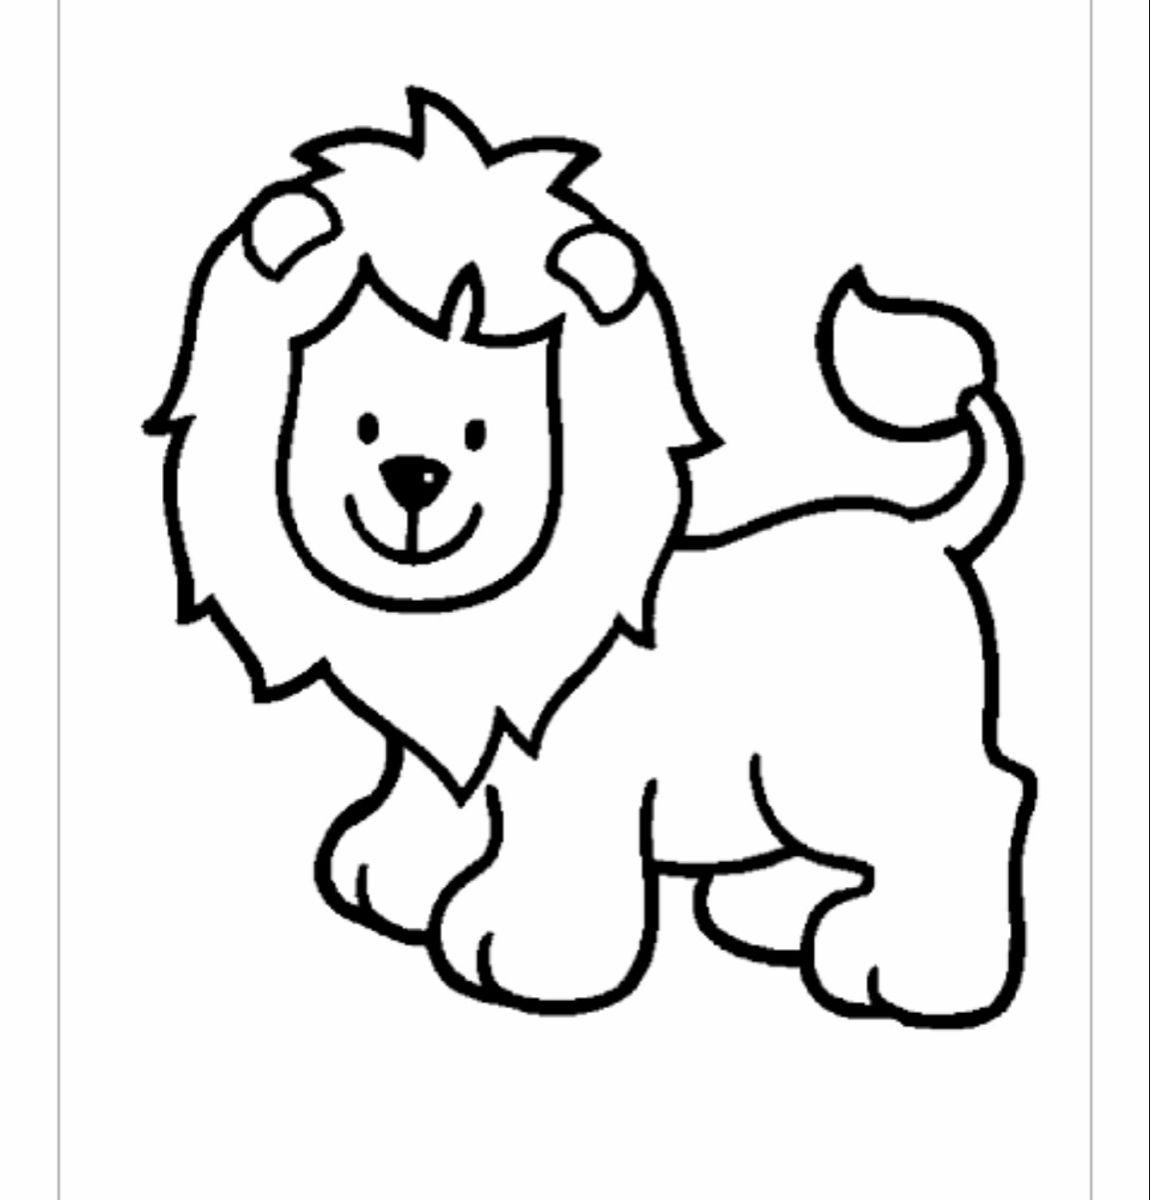 Pin By Aloneangel On Kumas Boyama In 2020 Zoo Animal Coloring Pages Animal Coloring Pages Animal Drawings